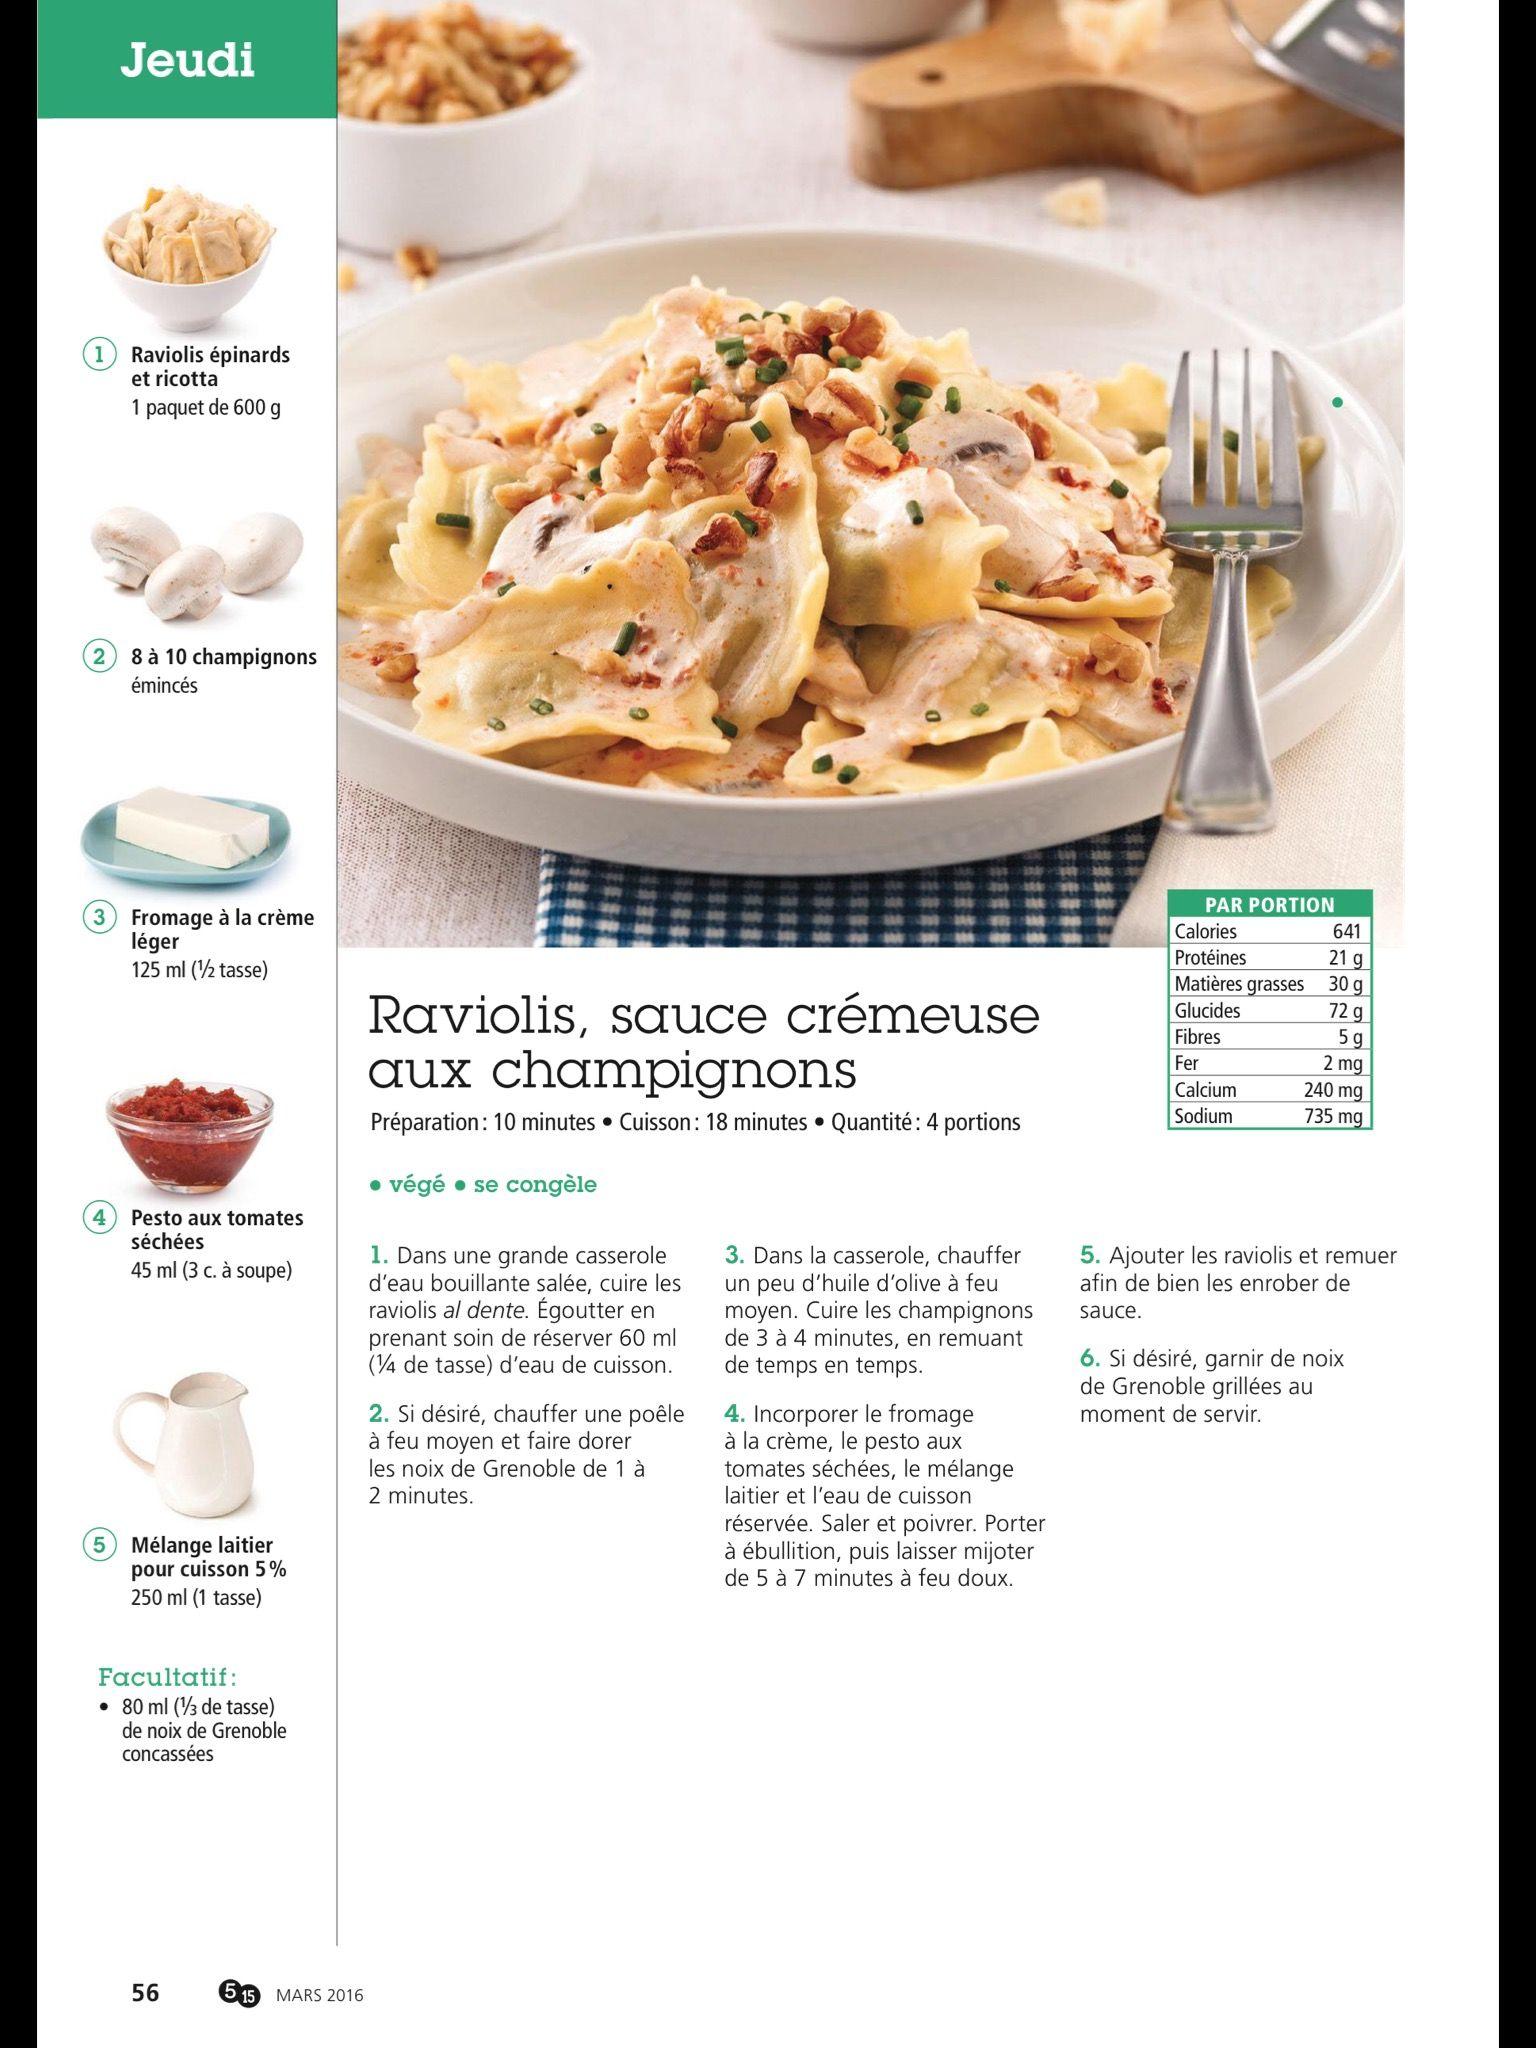 Raviolis, sauce crémeuse aux champignons